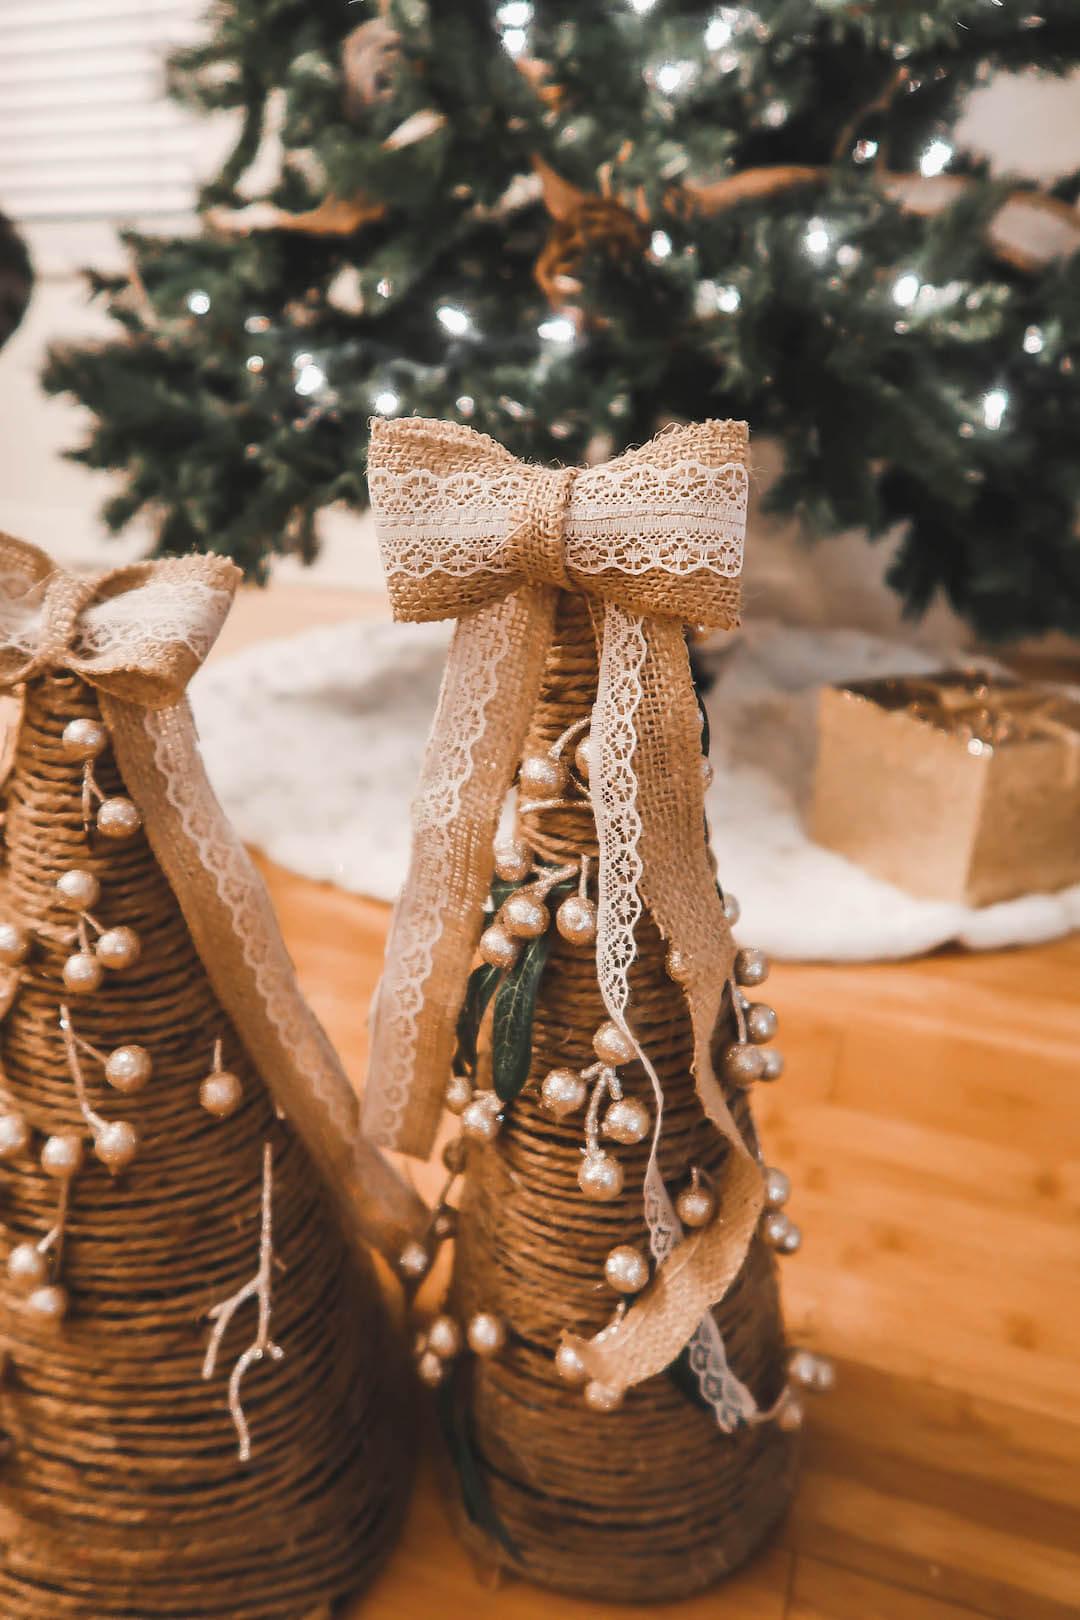 Homemade Christmas Cones